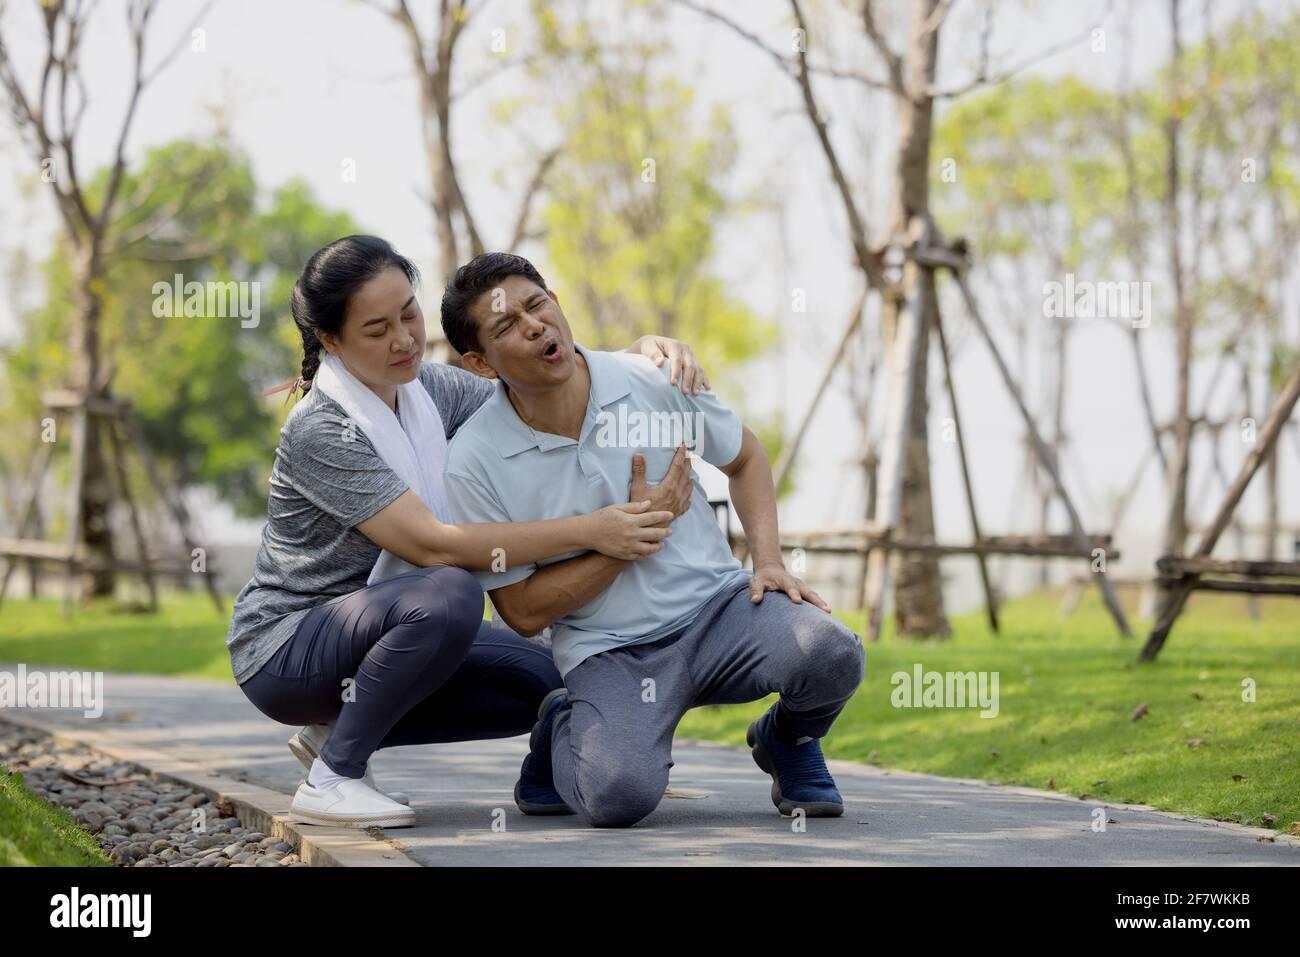 L'anziano asiatico o l'incidente dell'uomo anziano che cade sul pavimento nel parco durante l'esercizio in esecuzione hanno dolore al ginocchio. Foto Stock